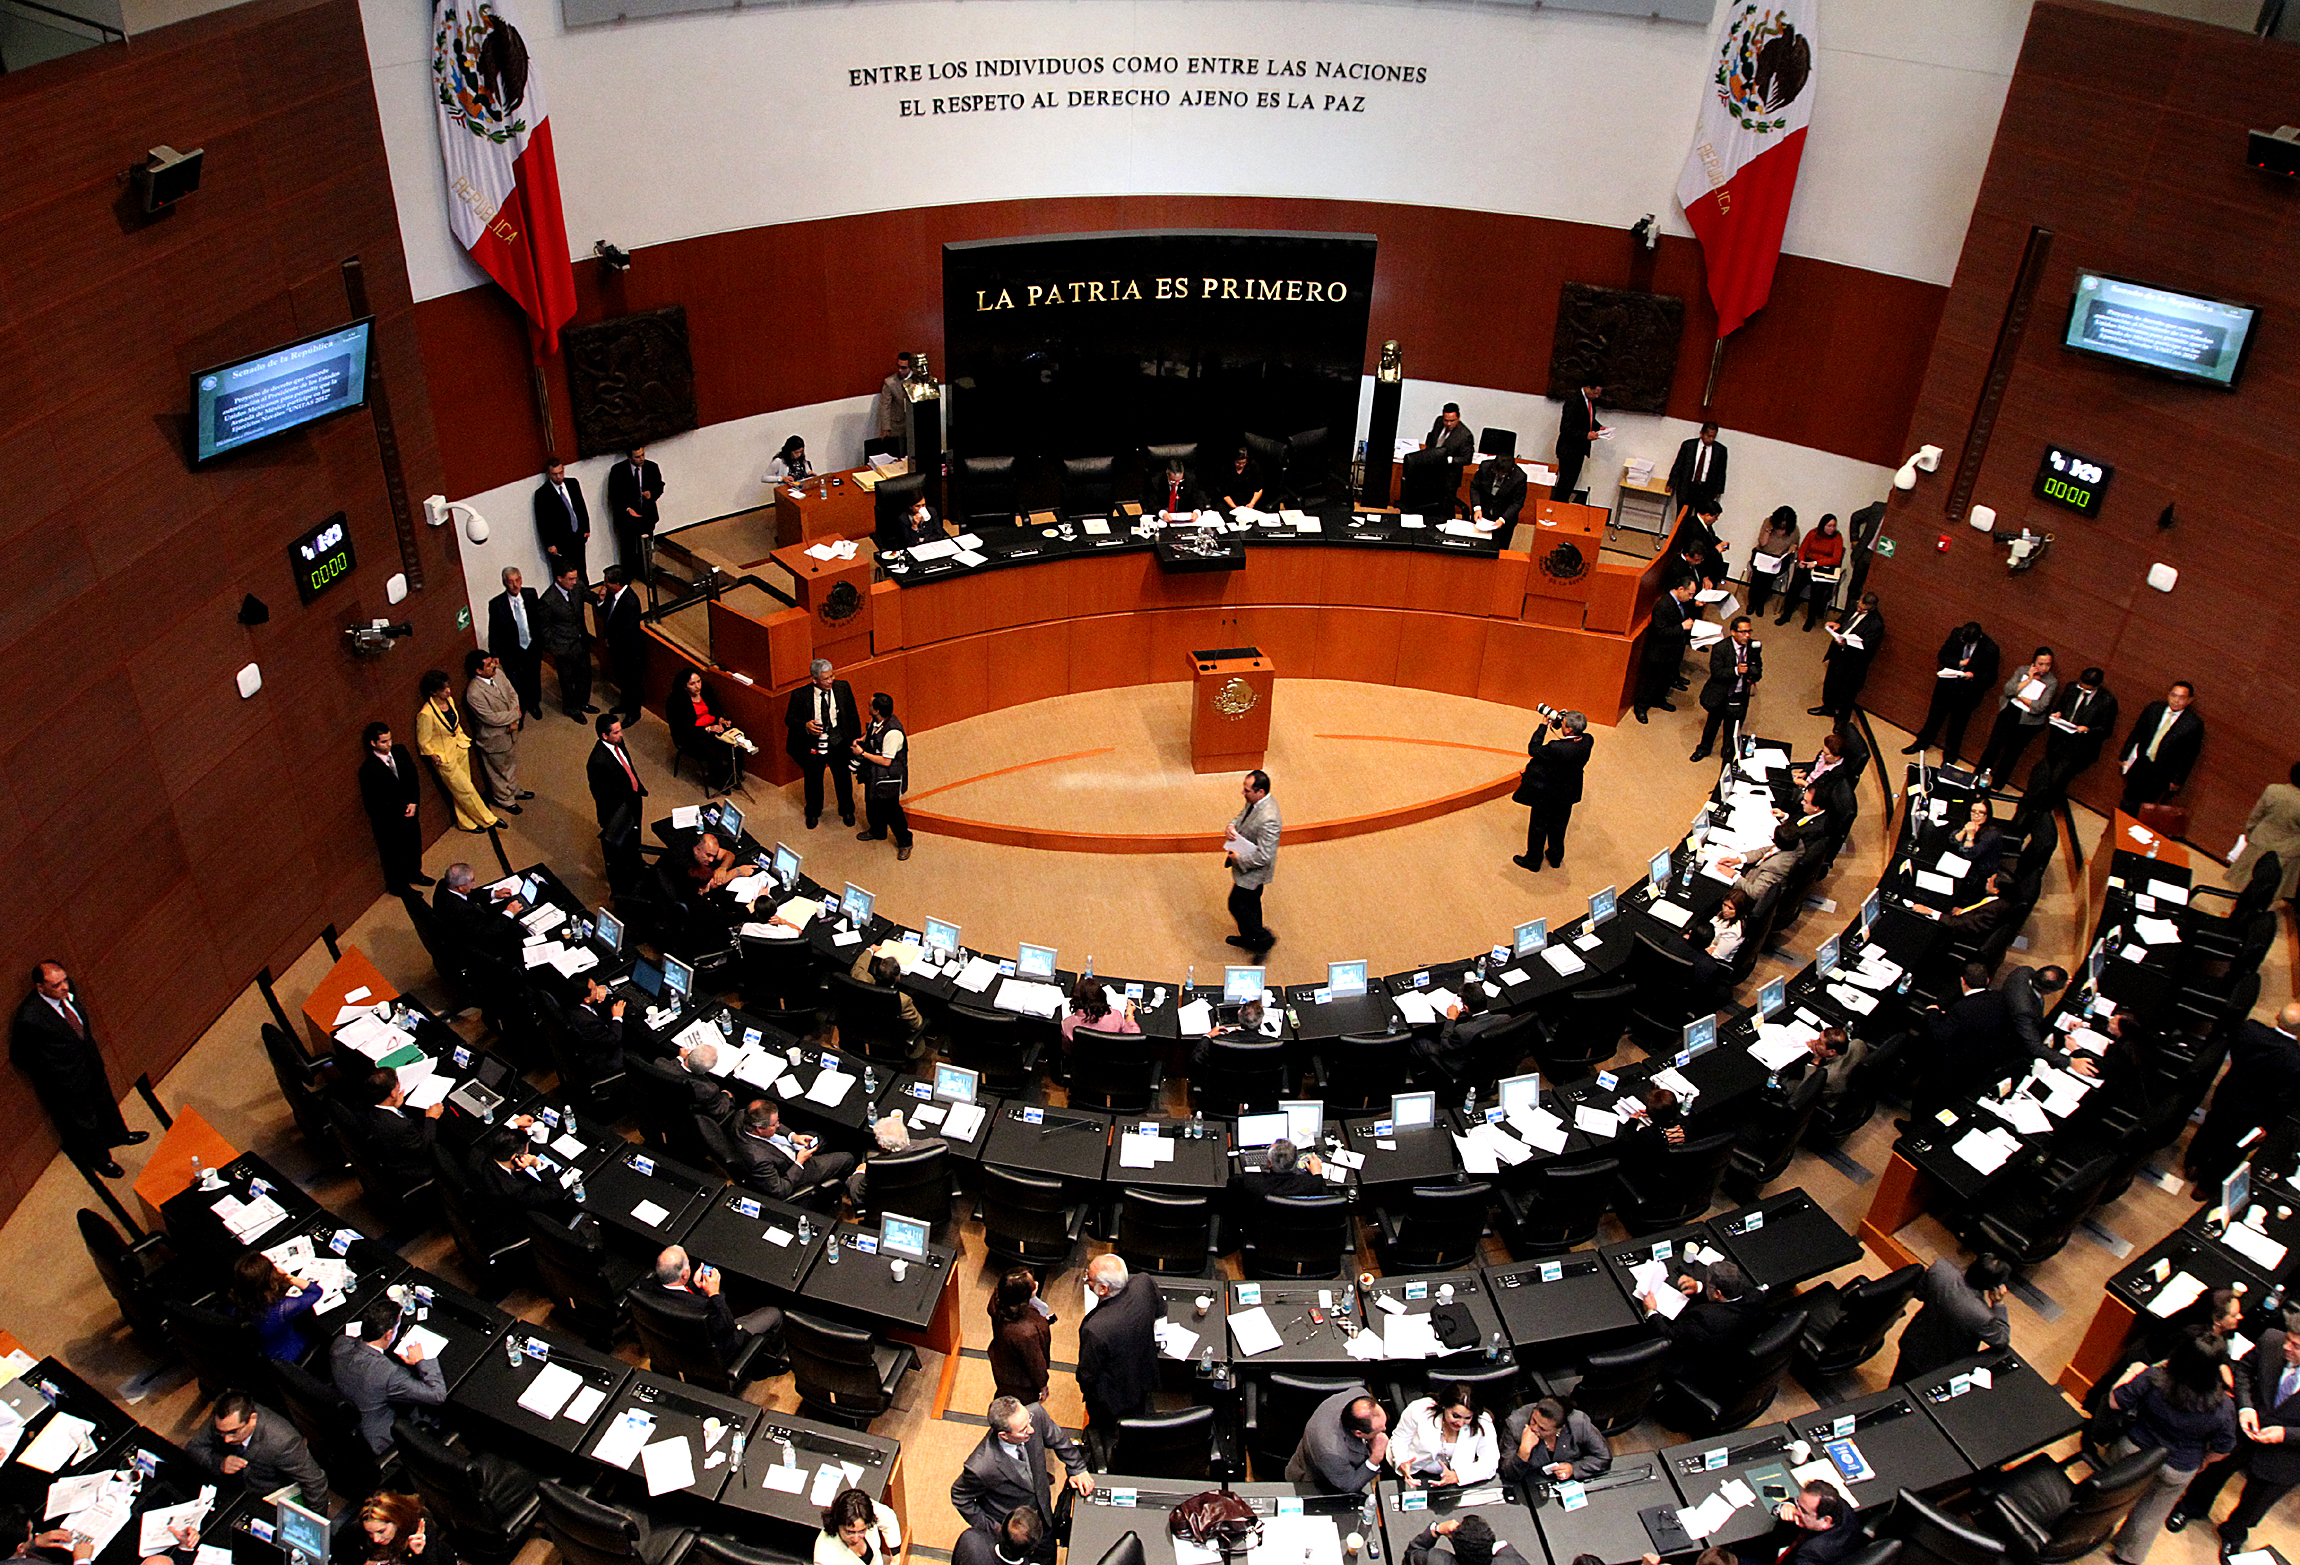 Senado mexicano advierte al Gobierno que evite represión a protestas sociales